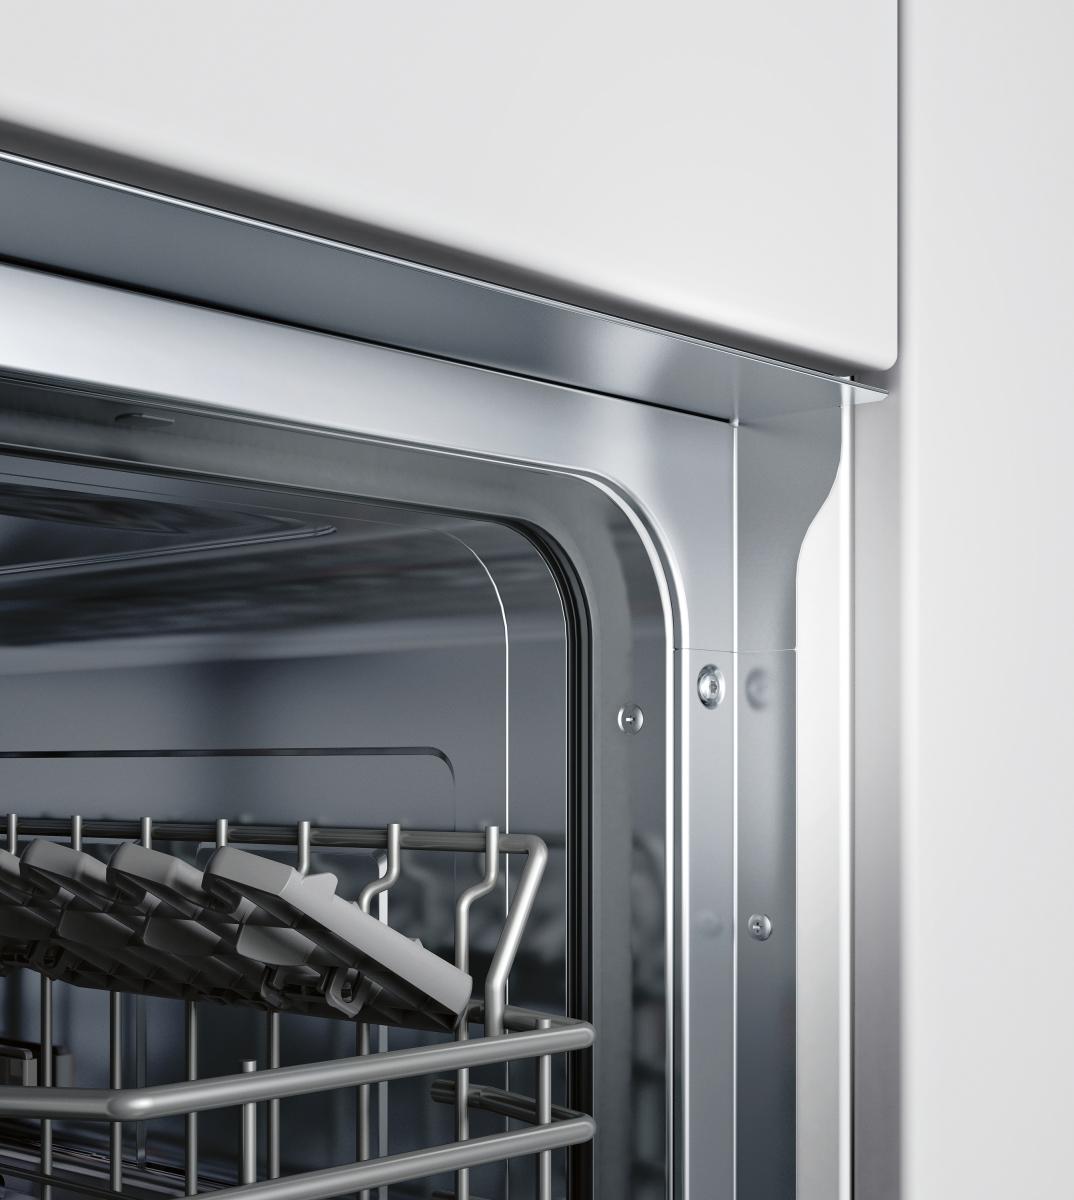 Siemens SZ73045 Sonderzubehör für Geschirrspüler Edelstahlverblendungssatz 86,5cm Höhe